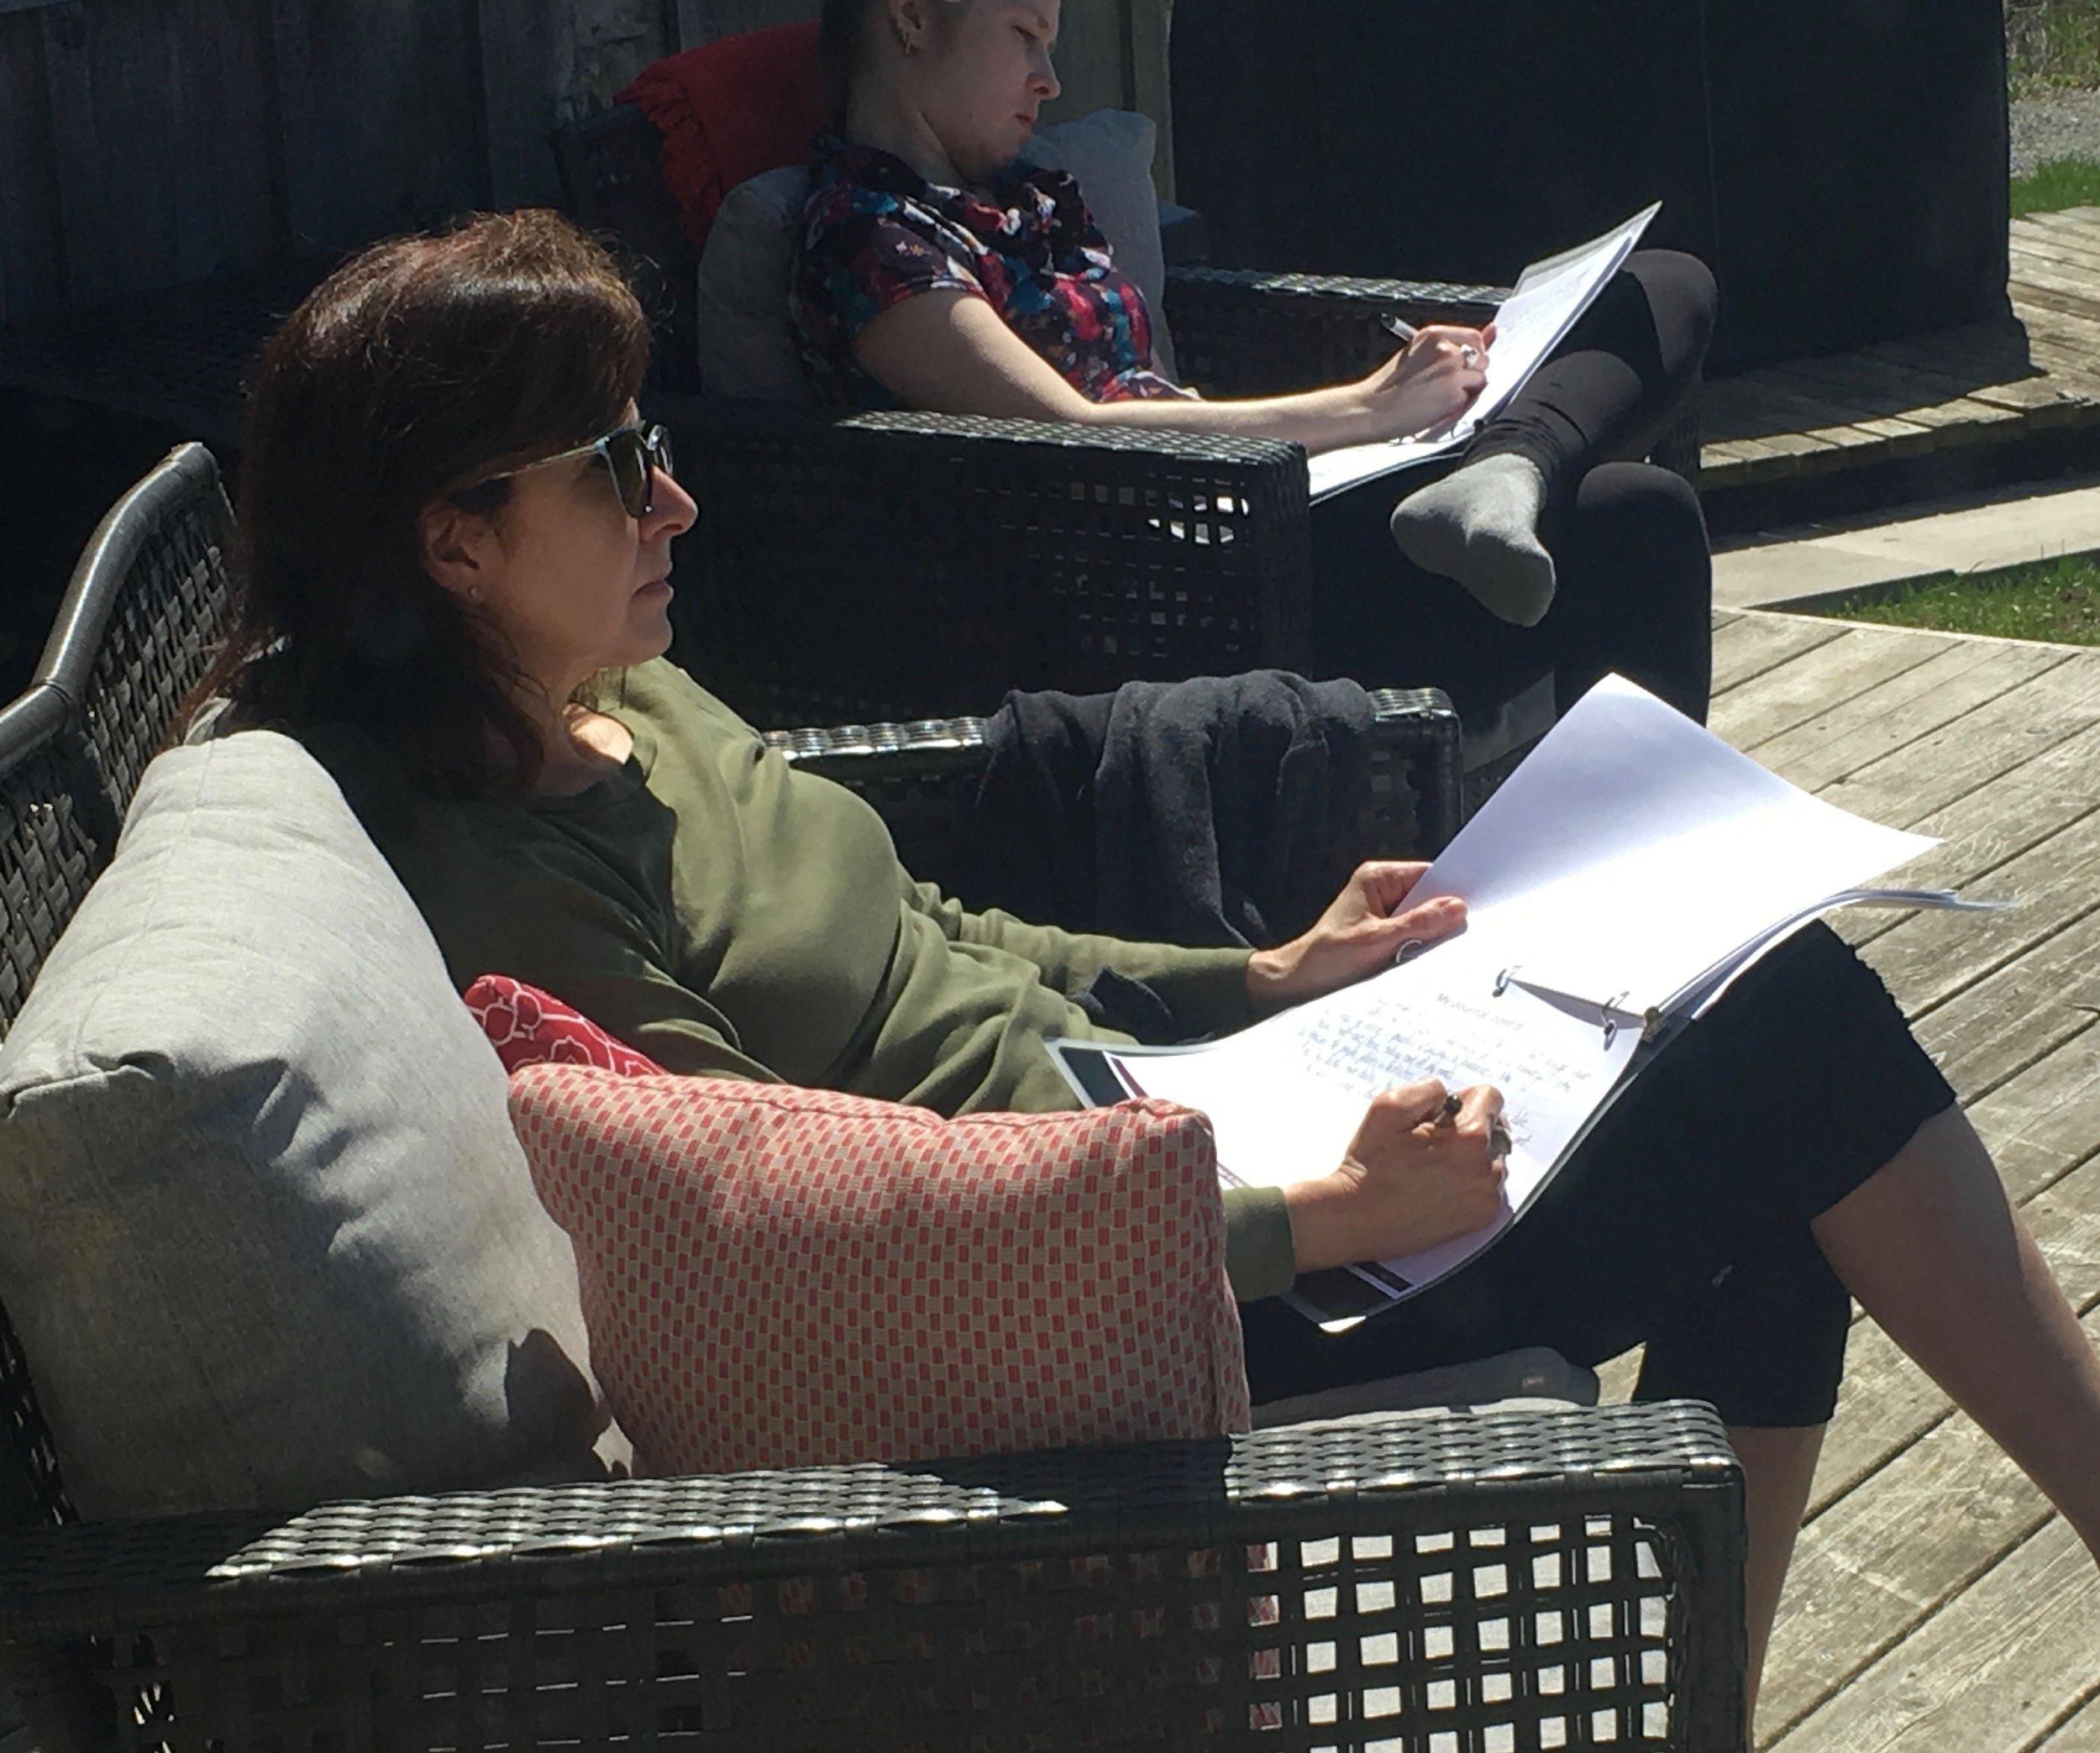 lisa and kristi at work.jpeg